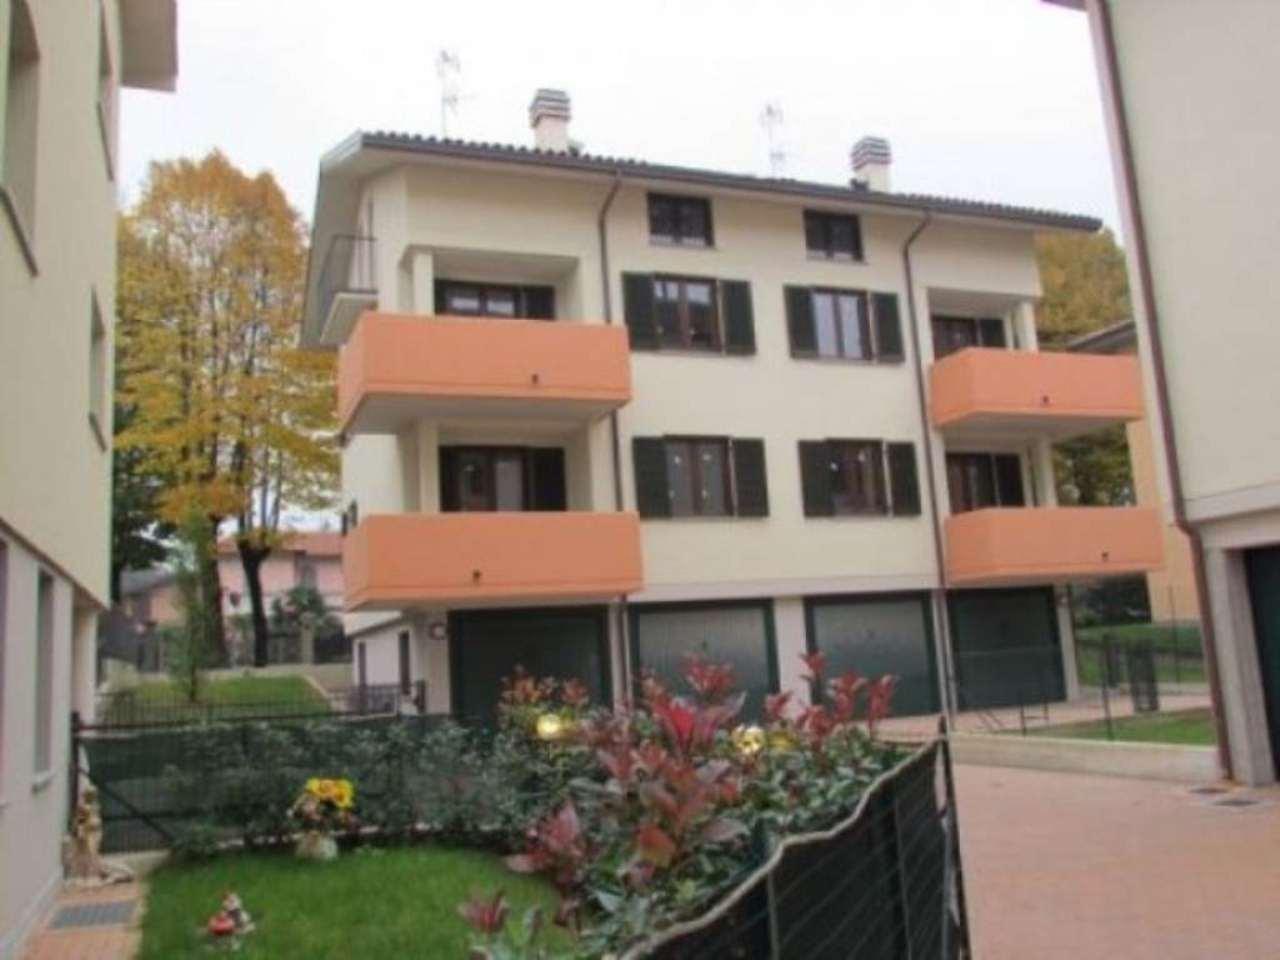 Soluzione Indipendente in vendita a Tradate, 5 locali, prezzo € 335.000 | Cambio Casa.it